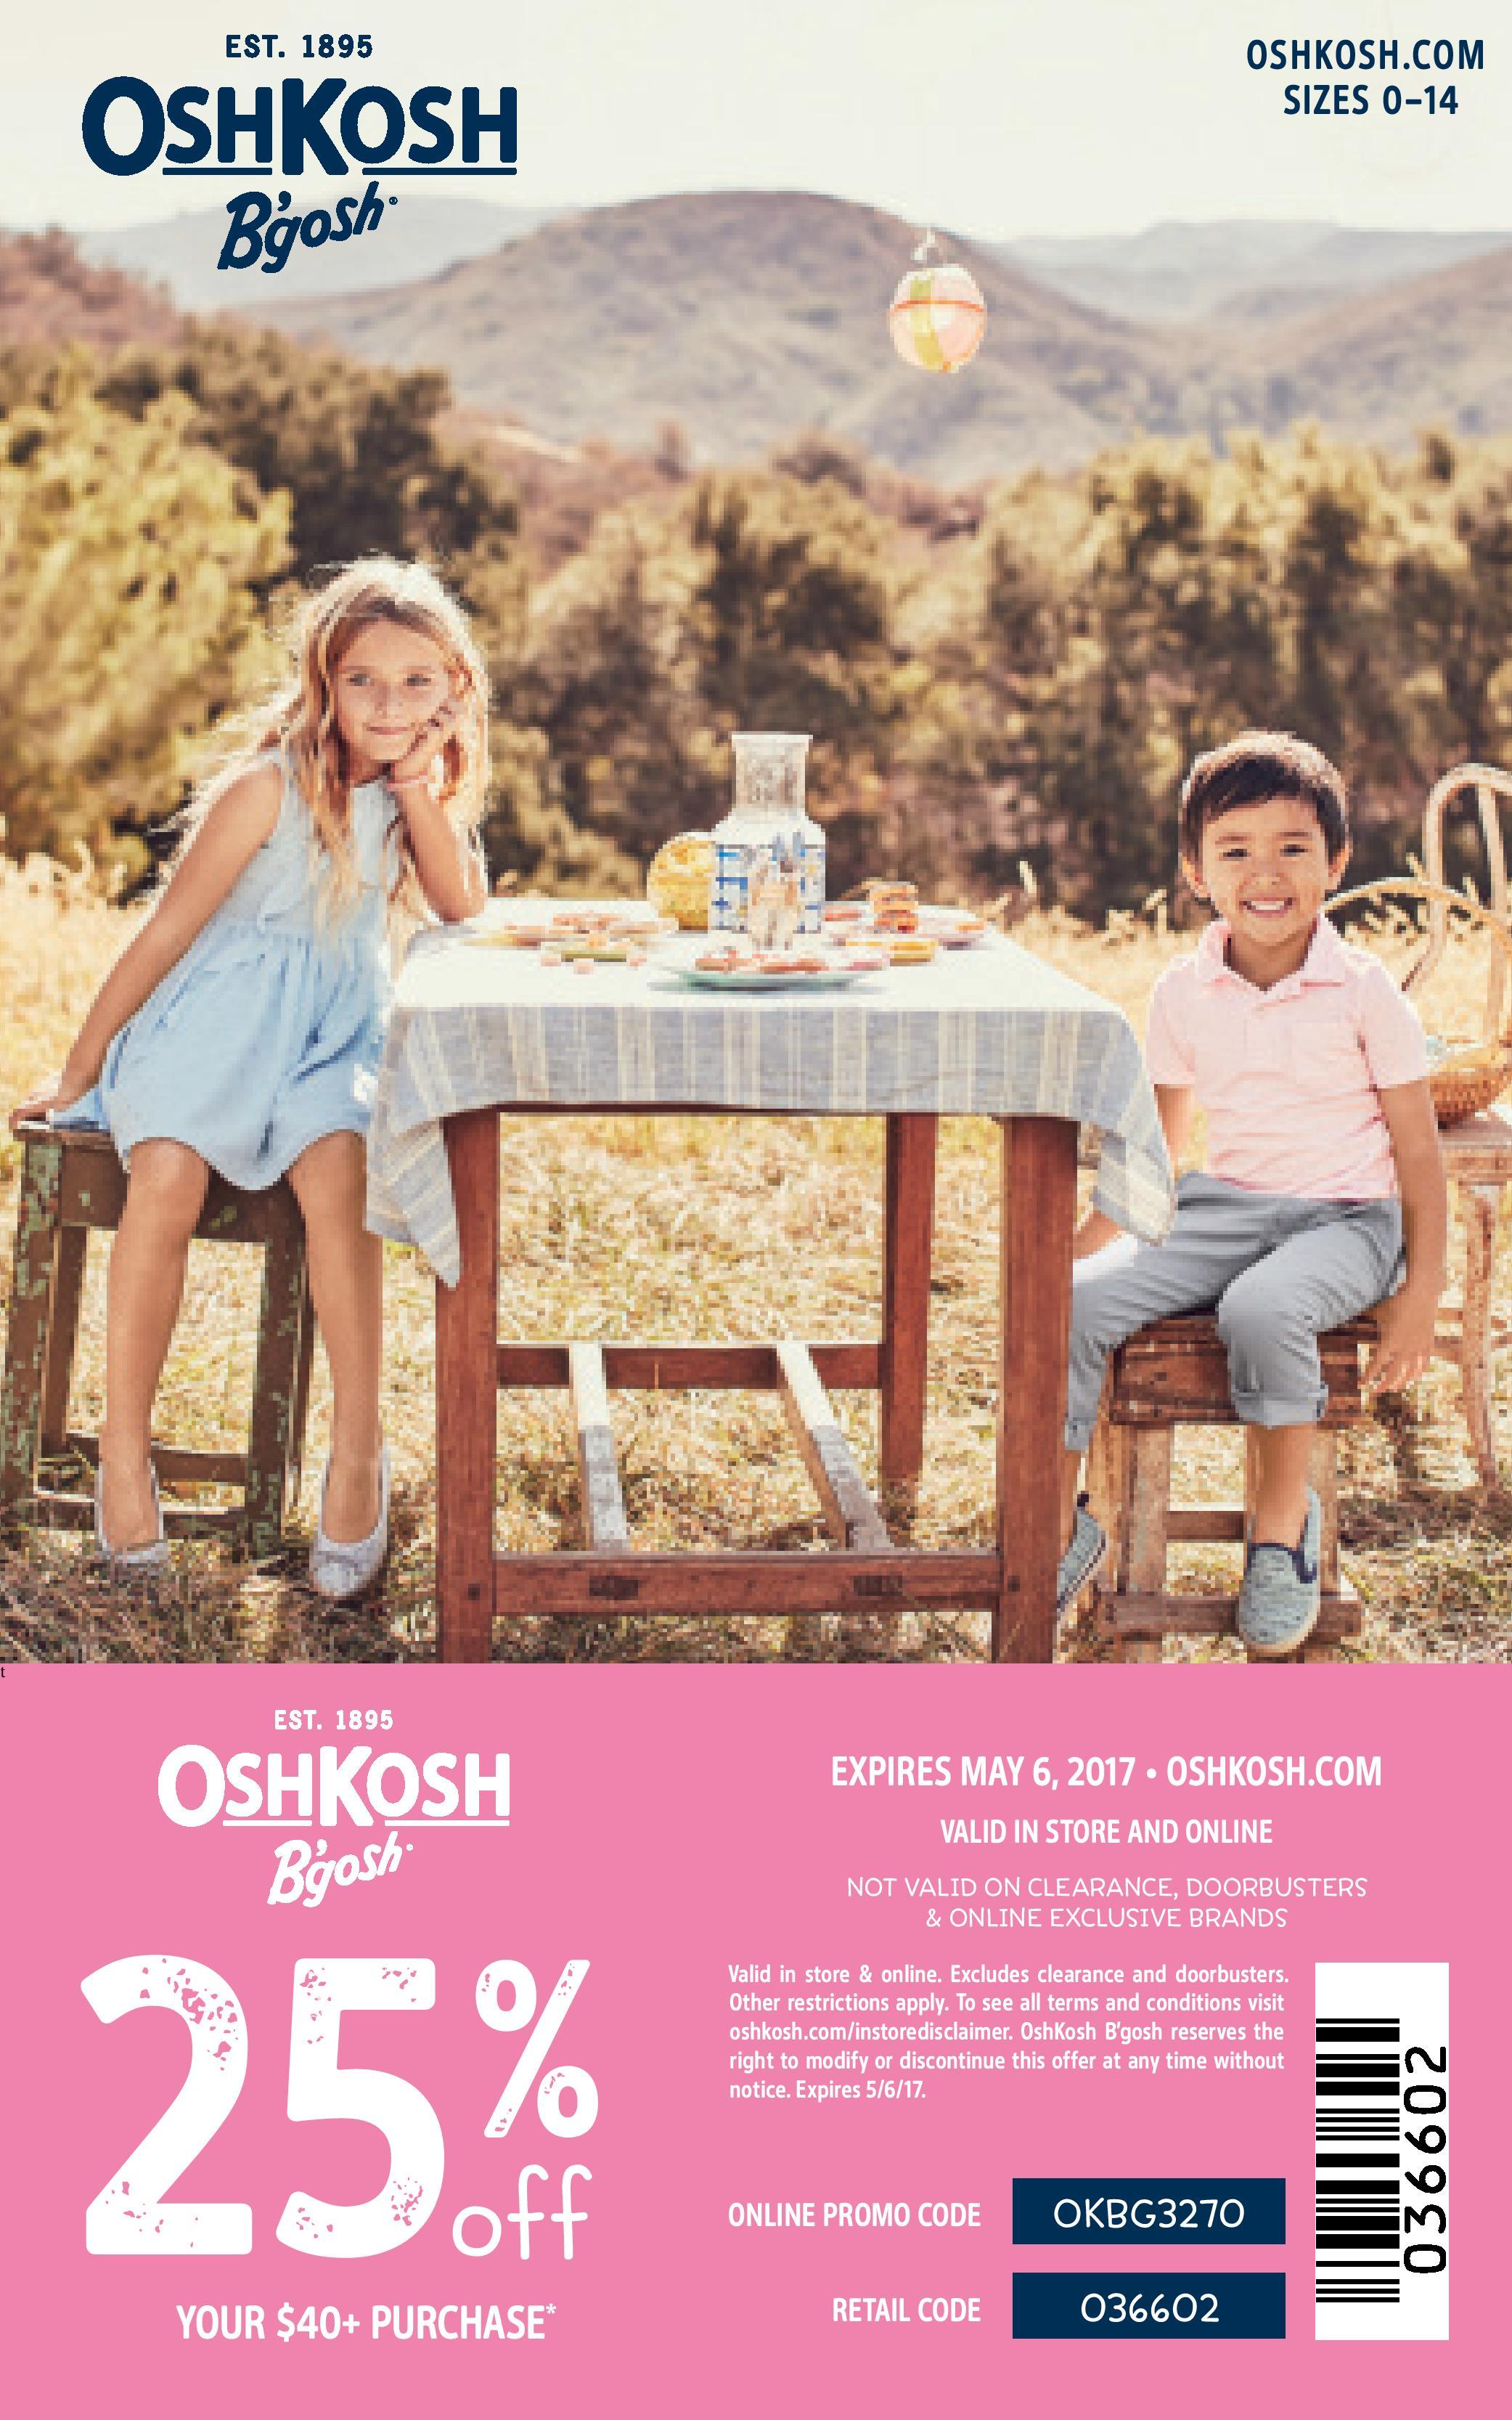 OshKoshBGosh-Fields-Of-Fun